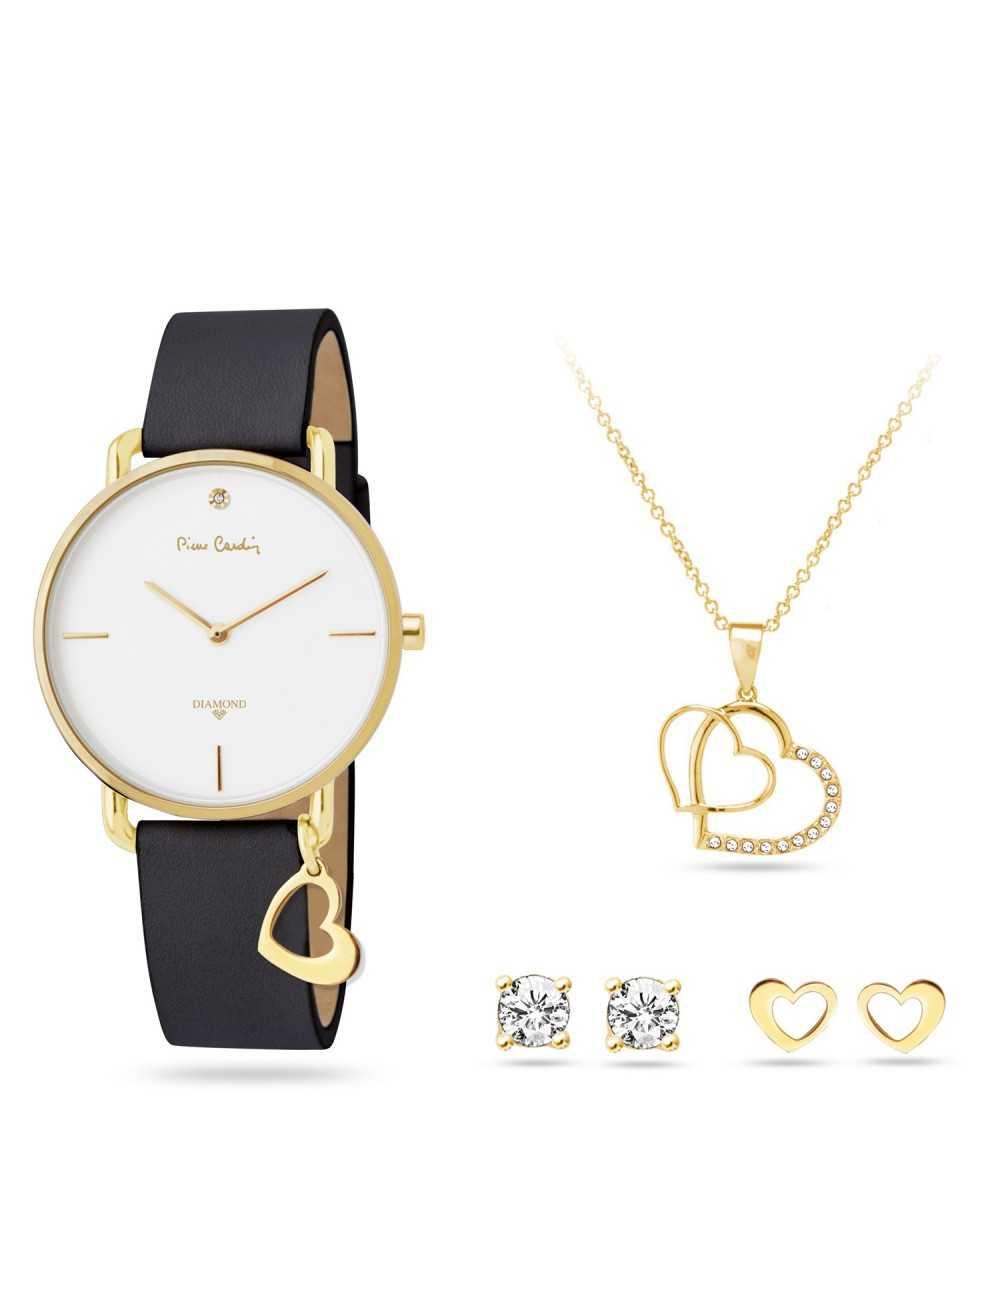 Pierre Cardin Gift Set Watch & Necklace & Earrings PCDX8464L23